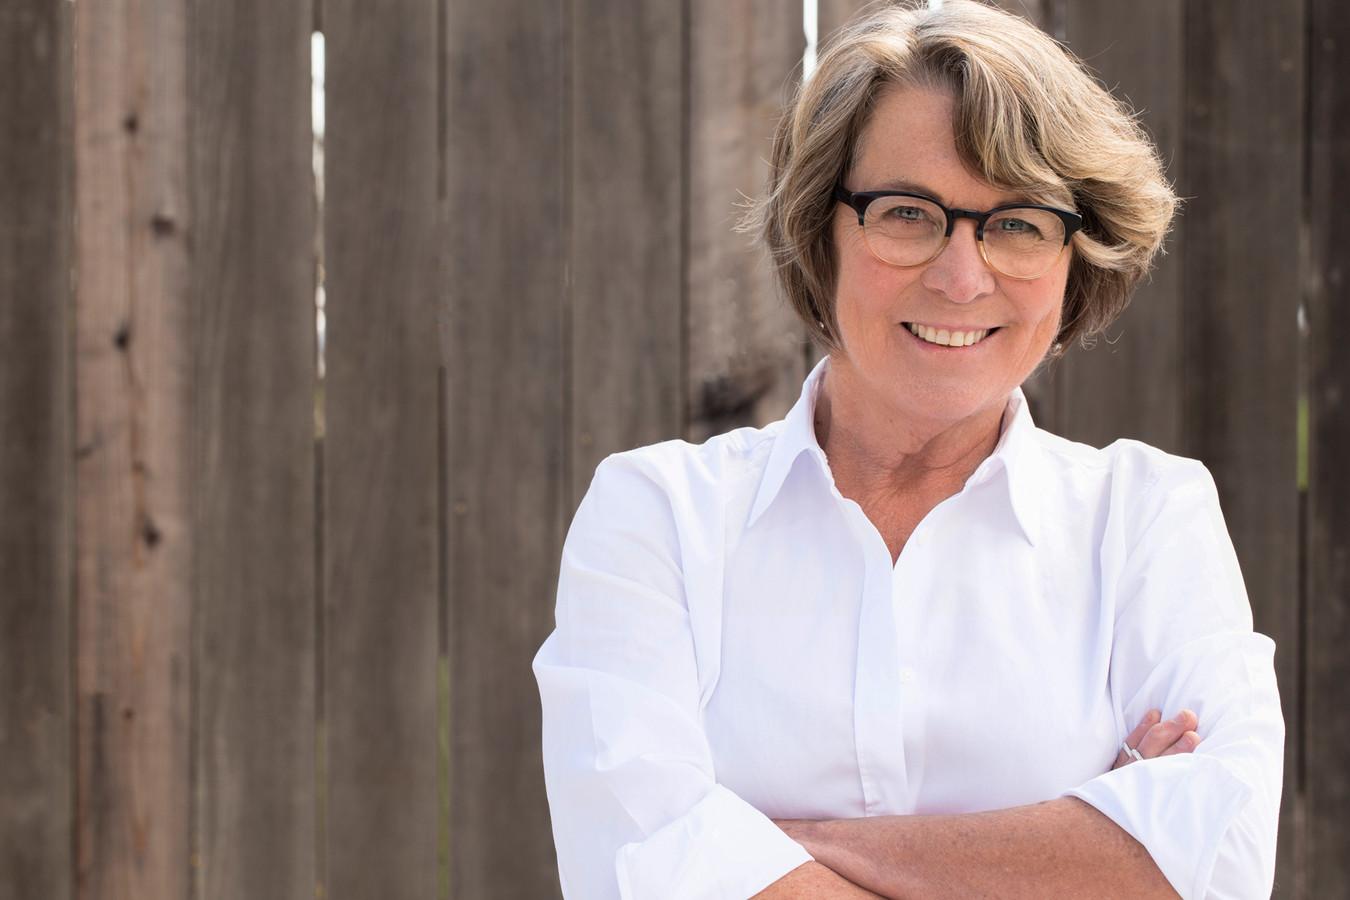 Van werknemers worden uitmuntende prestaties verwacht, zegt Patty McCord. Wie dat niet meer kan, moet – met een ruime ontslagregeling – het veld ruimen voor een nieuwe speler. Foto: Devi Pride